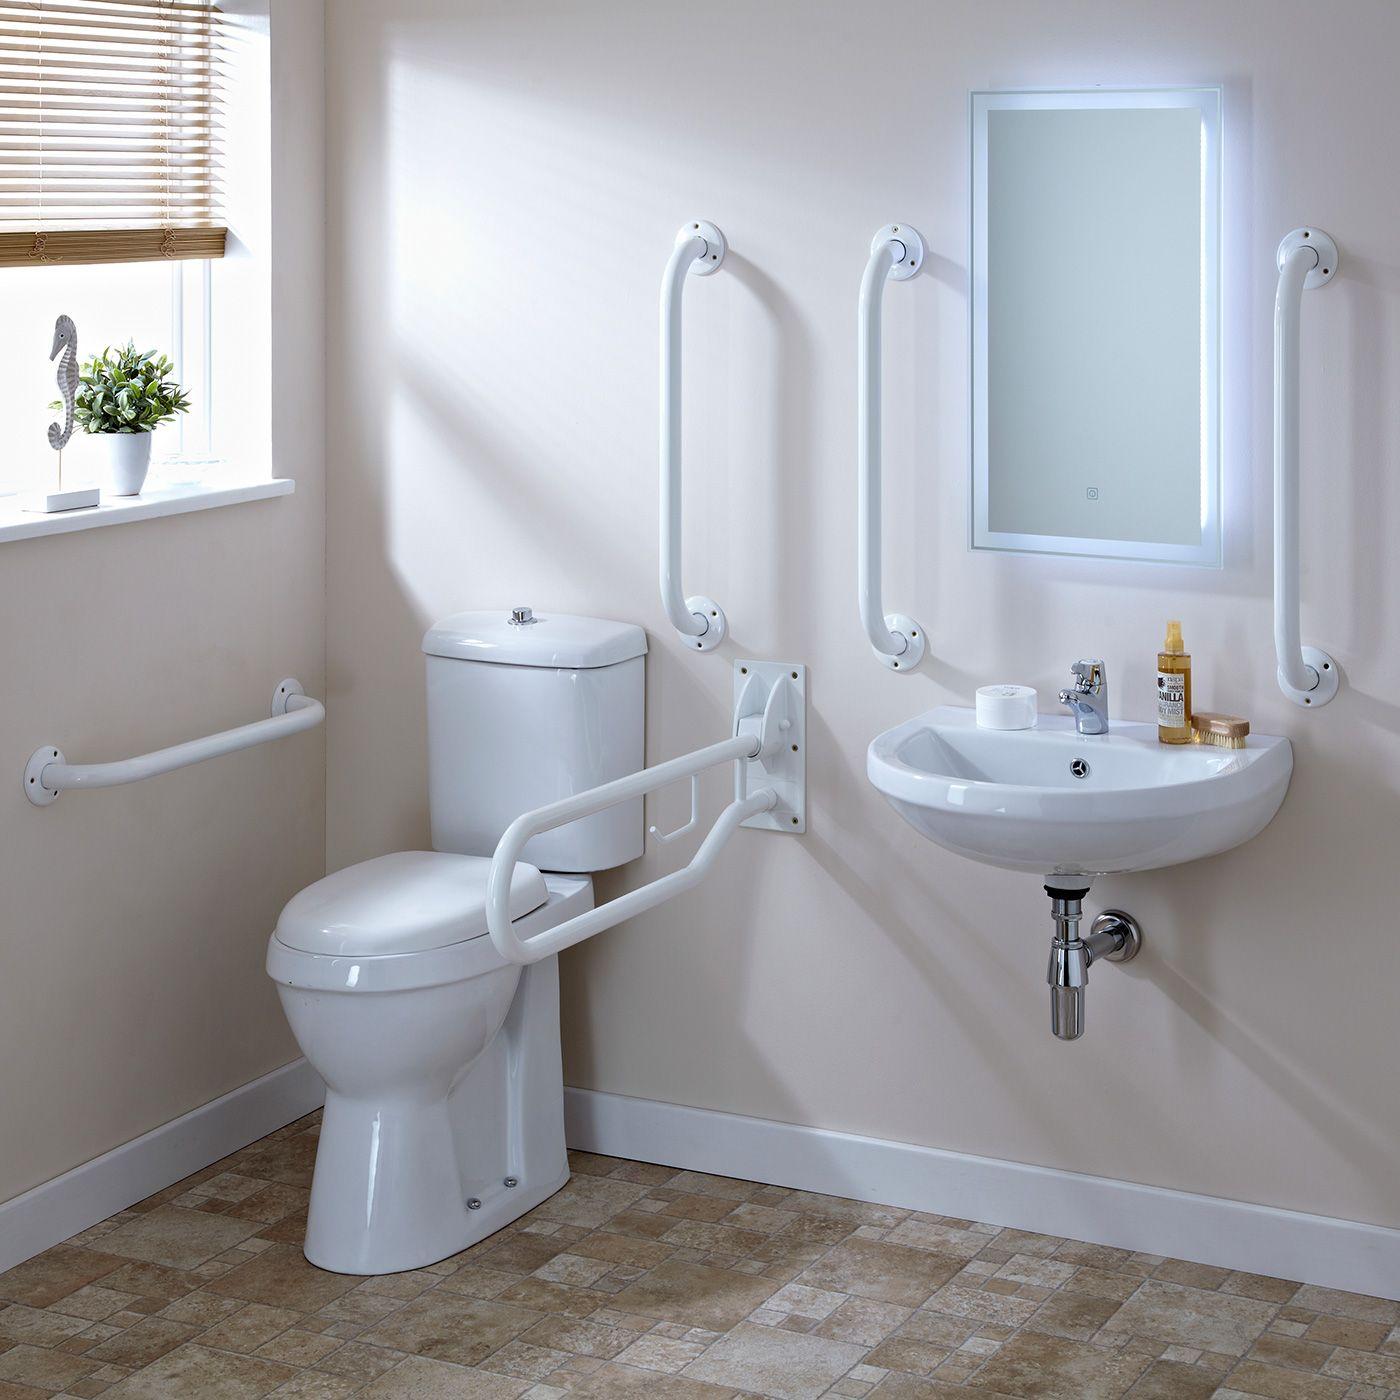 Set bagno completo di lavabo e sanitario per disabili - Obbligo bagno disabili attivita commerciale ...